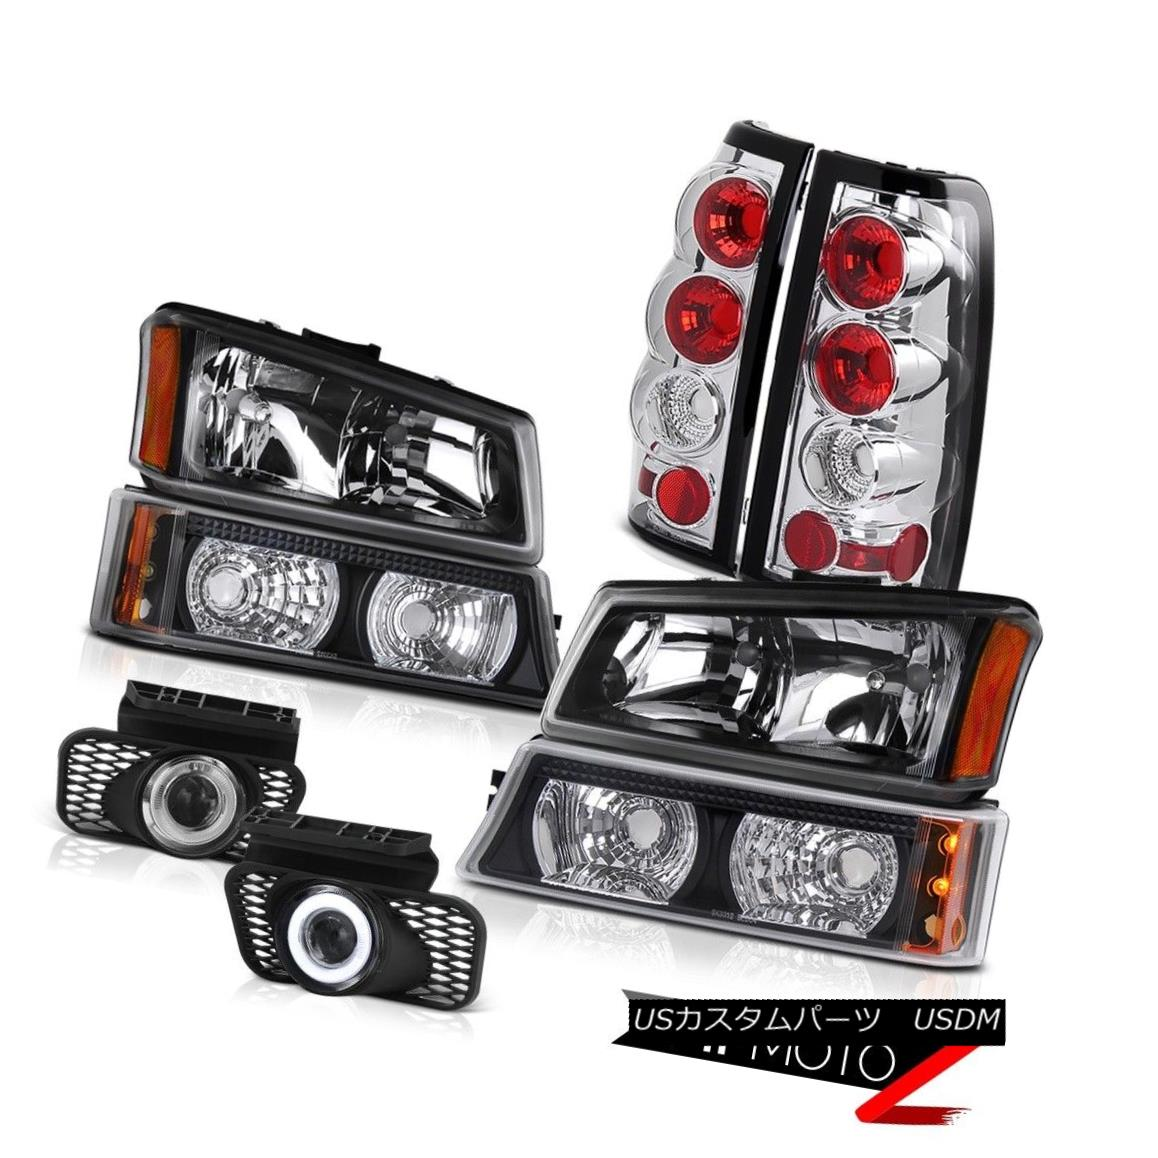 ヘッドライト Black Diamond Headlight Signal Lamps Brake Wire Switch Fog 03 04 Chevy Silverado ブラックダイヤモンドヘッドライト信号ランプブレーキワイヤースイッチフォグ03 04 Chevy Silverado